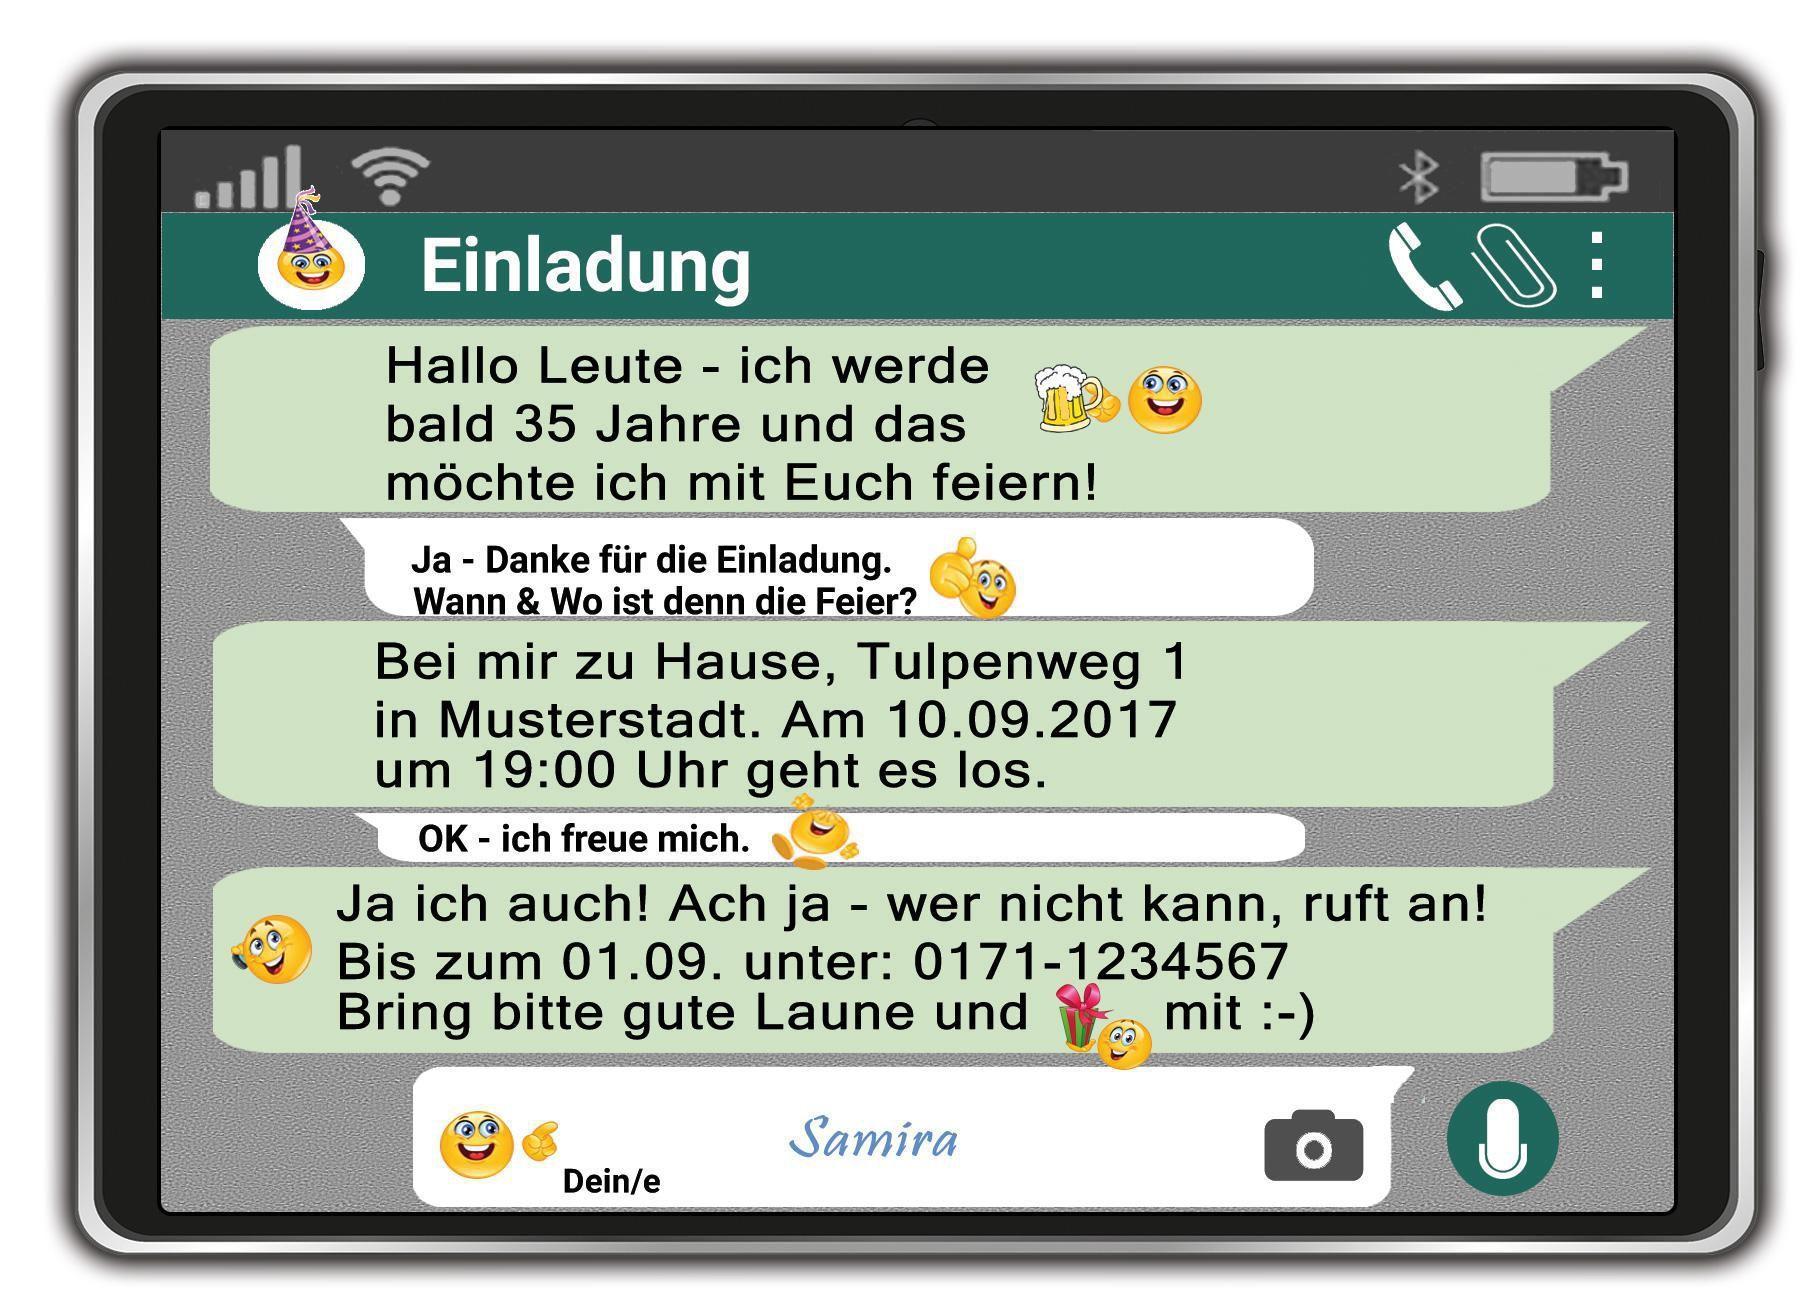 Geburtstagseinladung Whatsapp Kostenlos | Geburtstagseinladungen ...